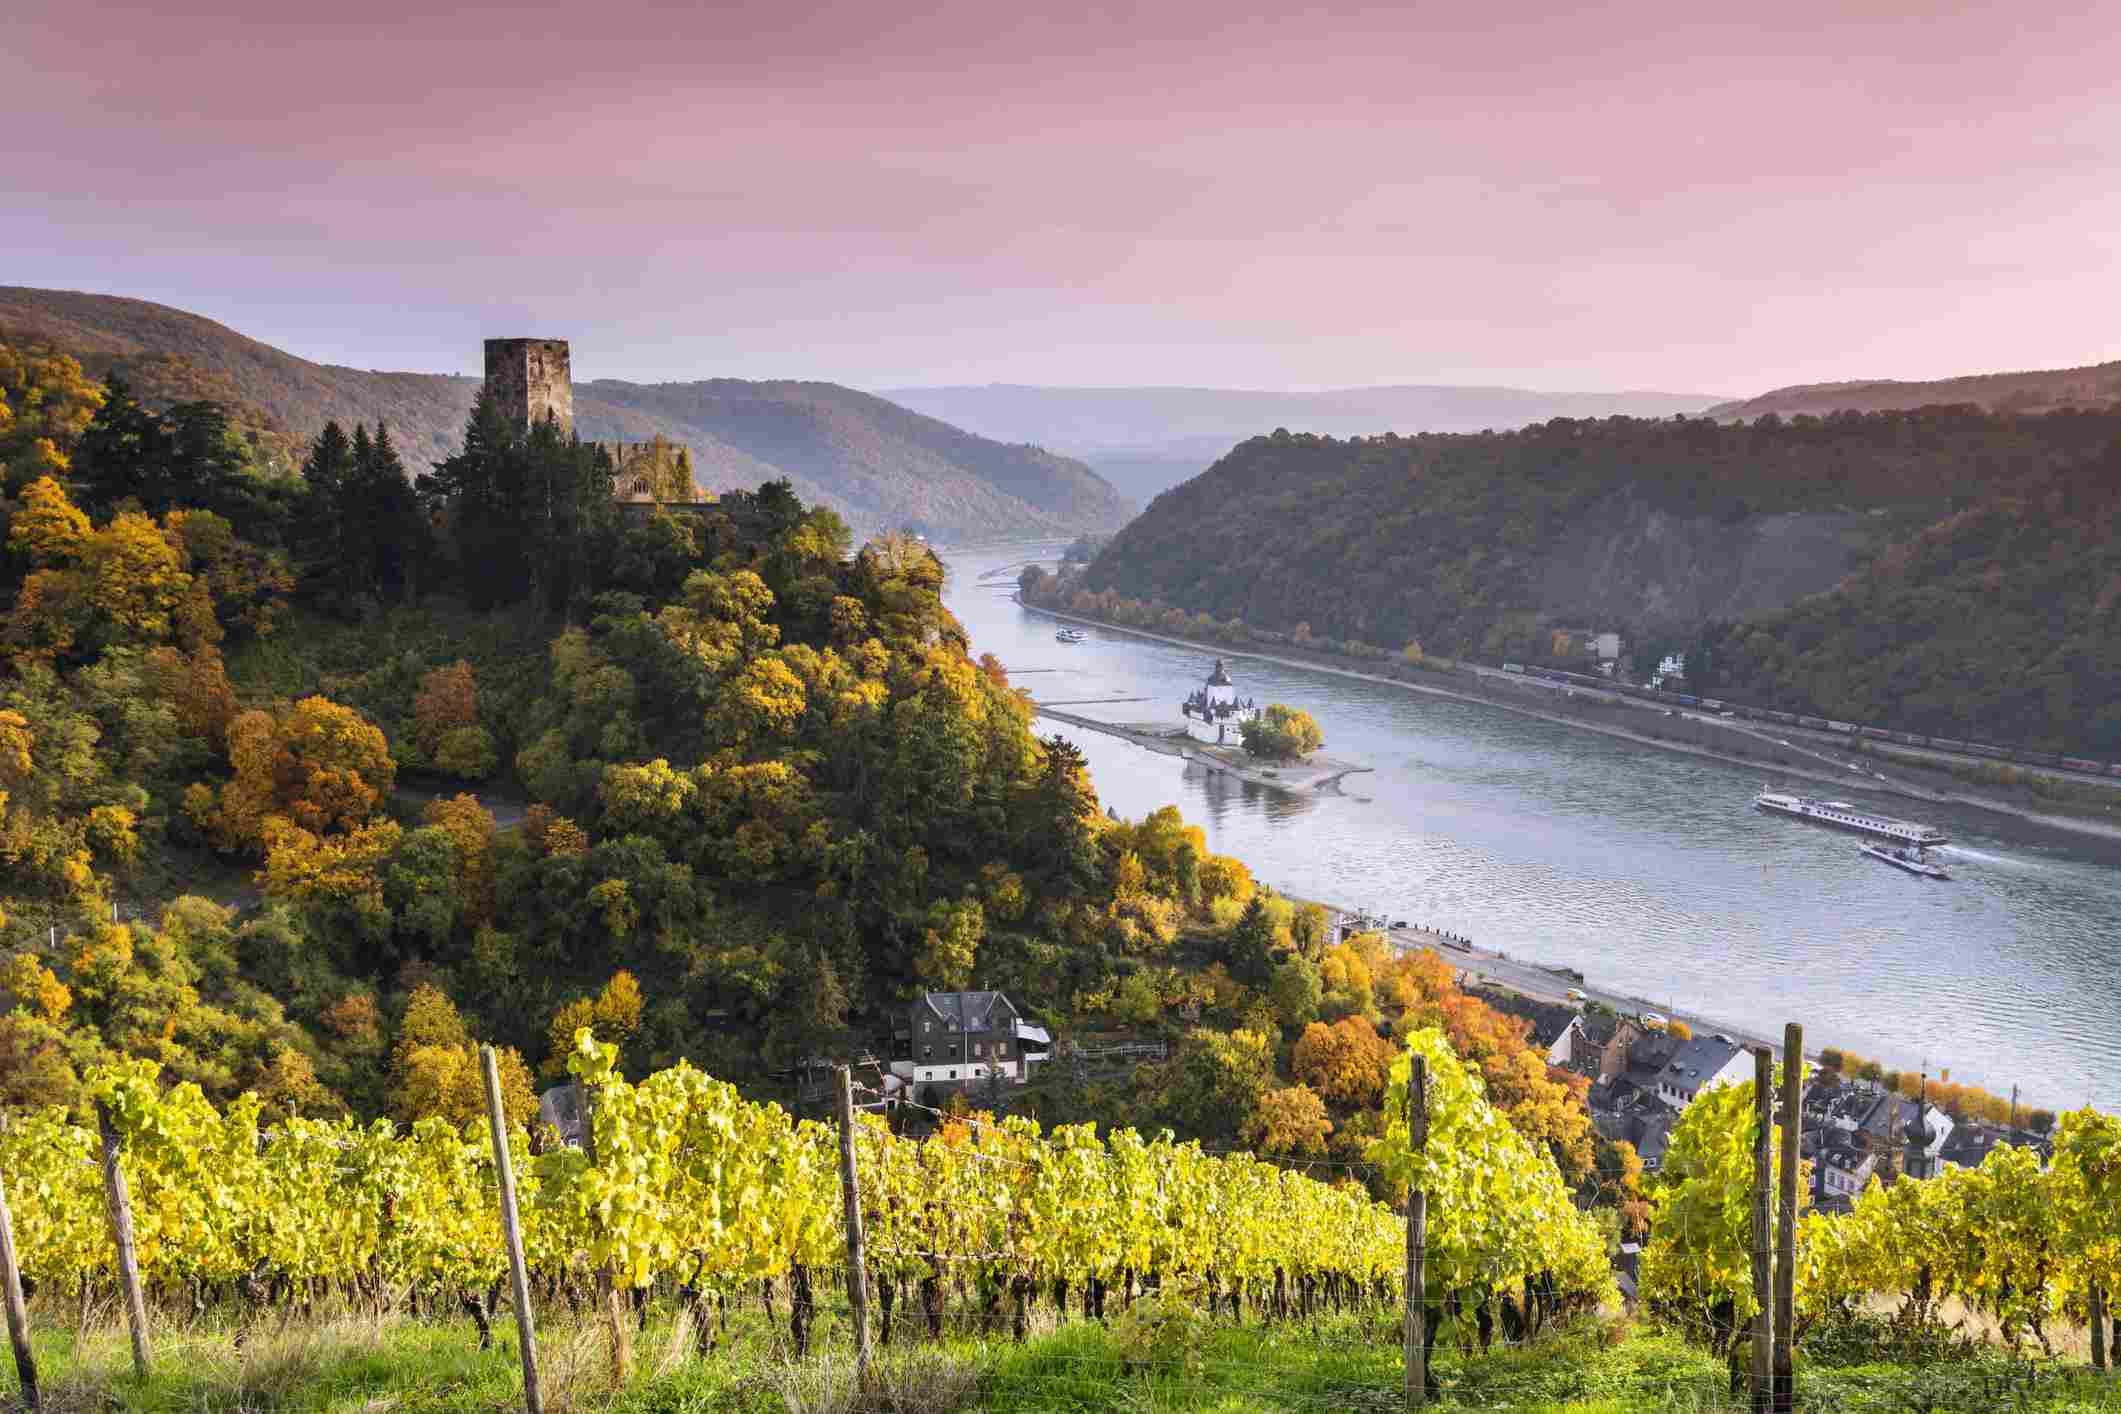 Germany, Rhineland-Palatinate, Kaub, Landscape with vineyard and Burg Gutenfels